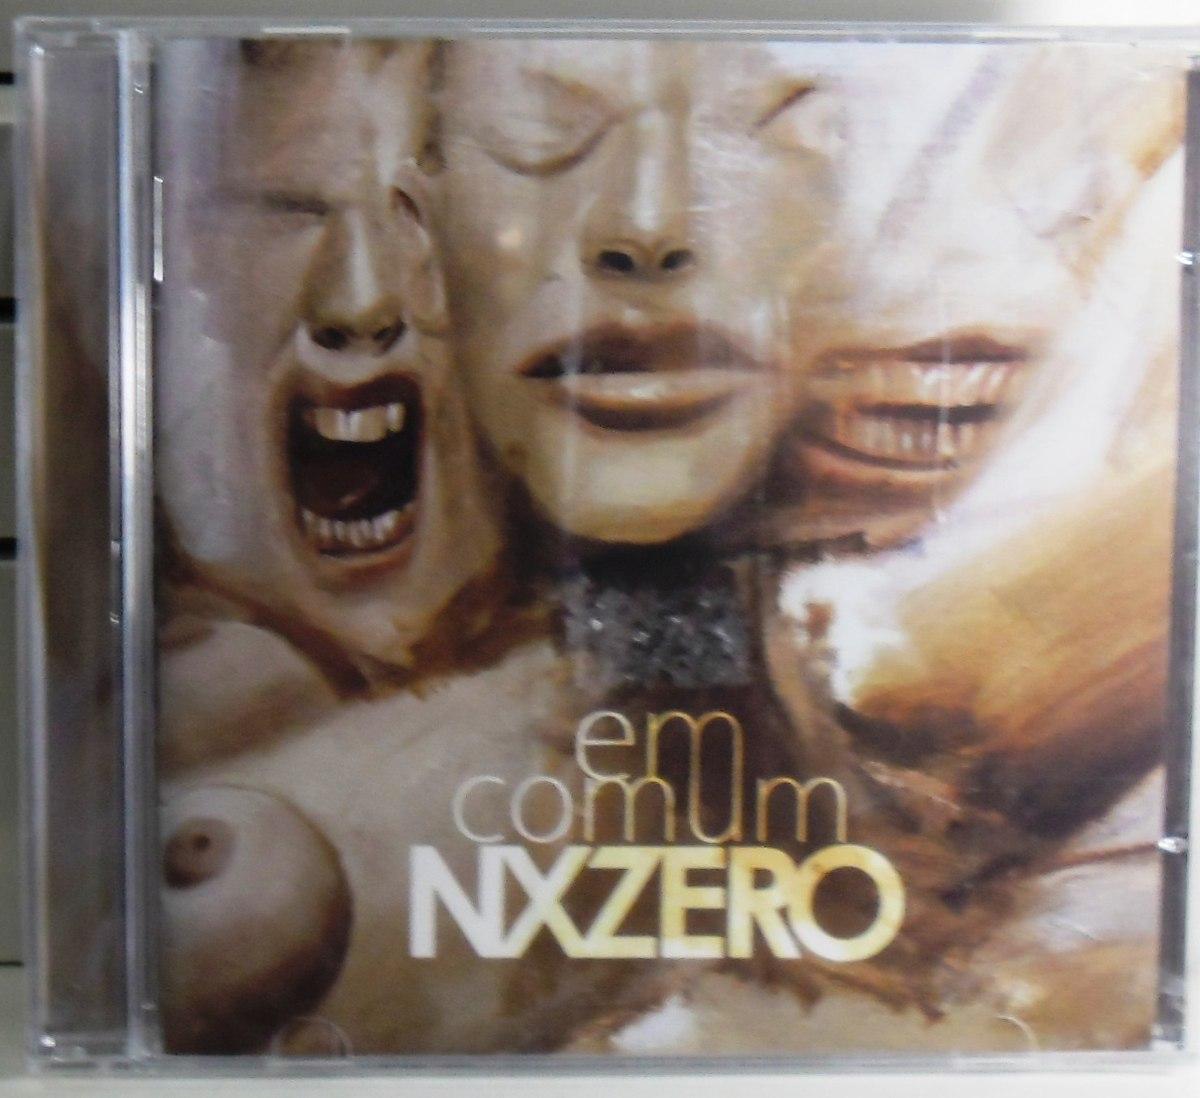 o novo cd do nx zero em comum